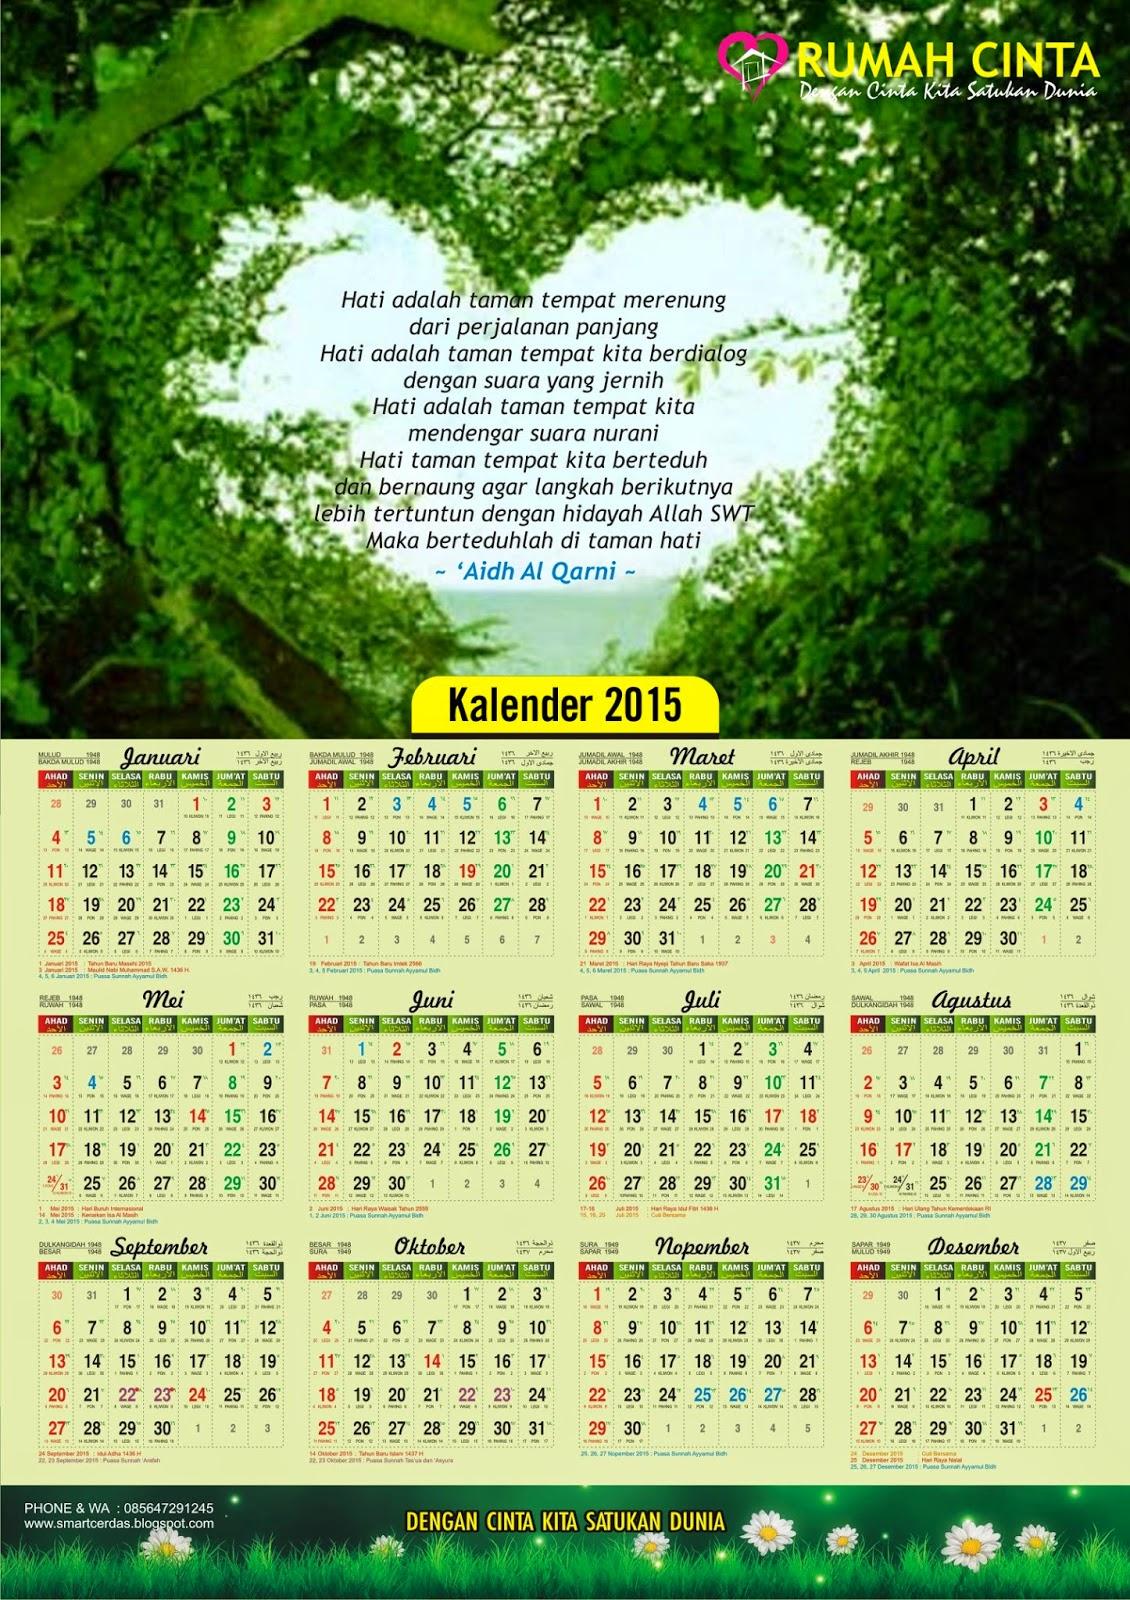 Kalender 2015 Lengkap dengan Kalender Jawa, Hijriyah dan Puasa Sunnah ...